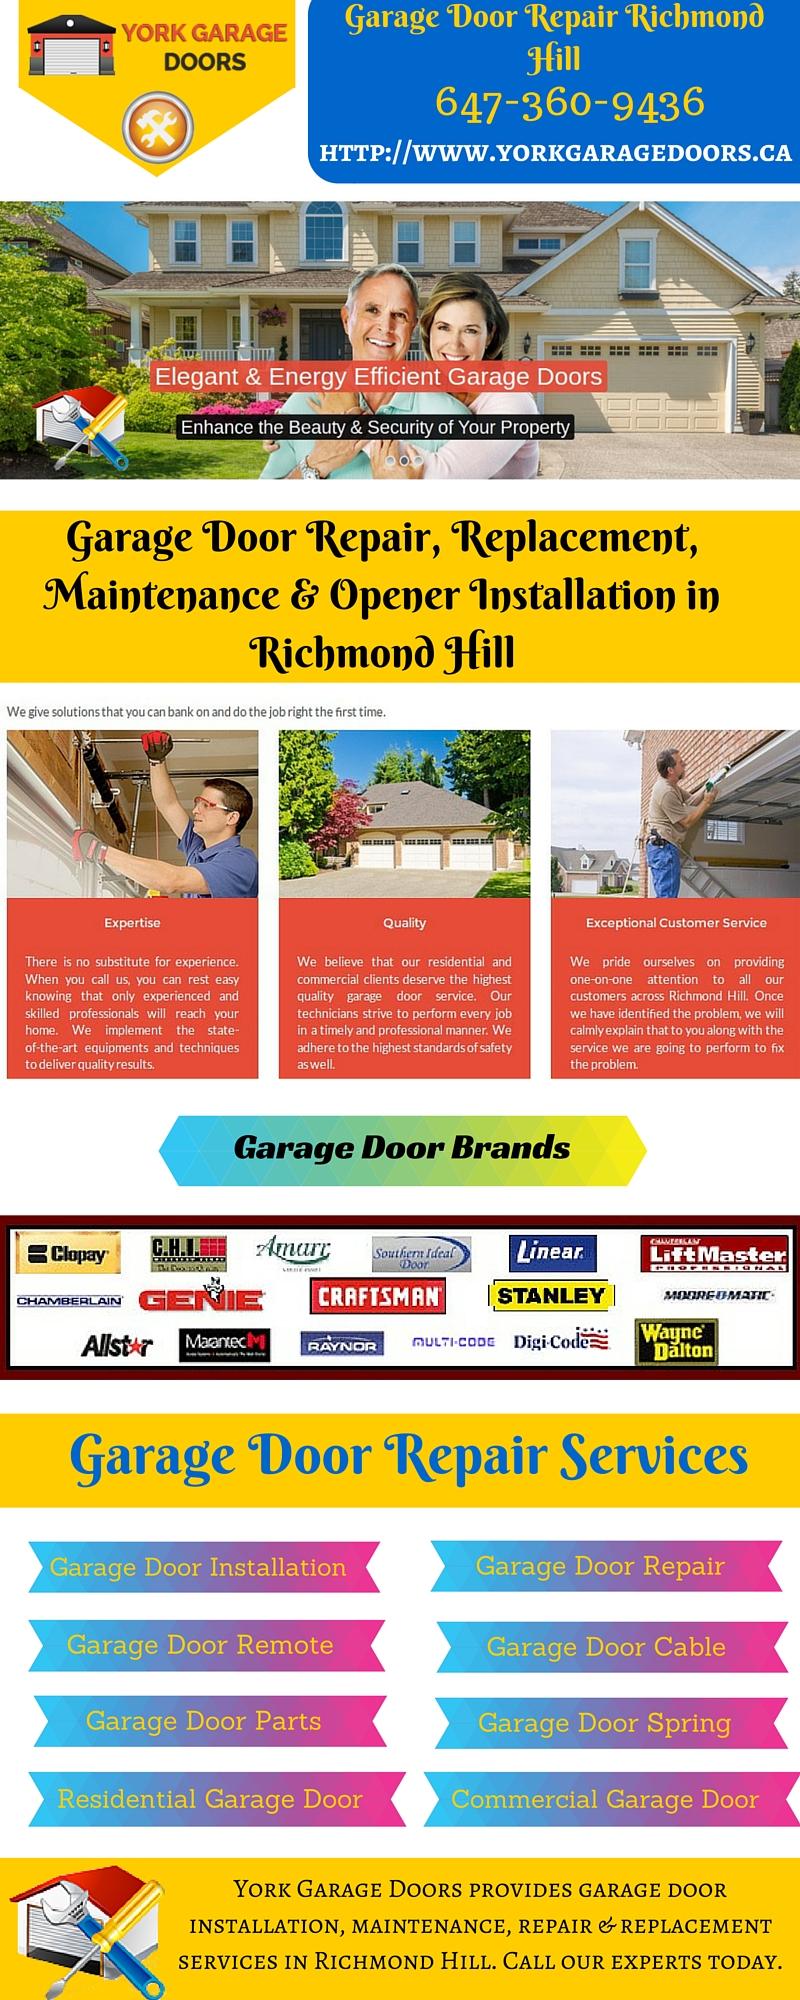 Garage Door Repair And Installation Service In Richmond Hill Free